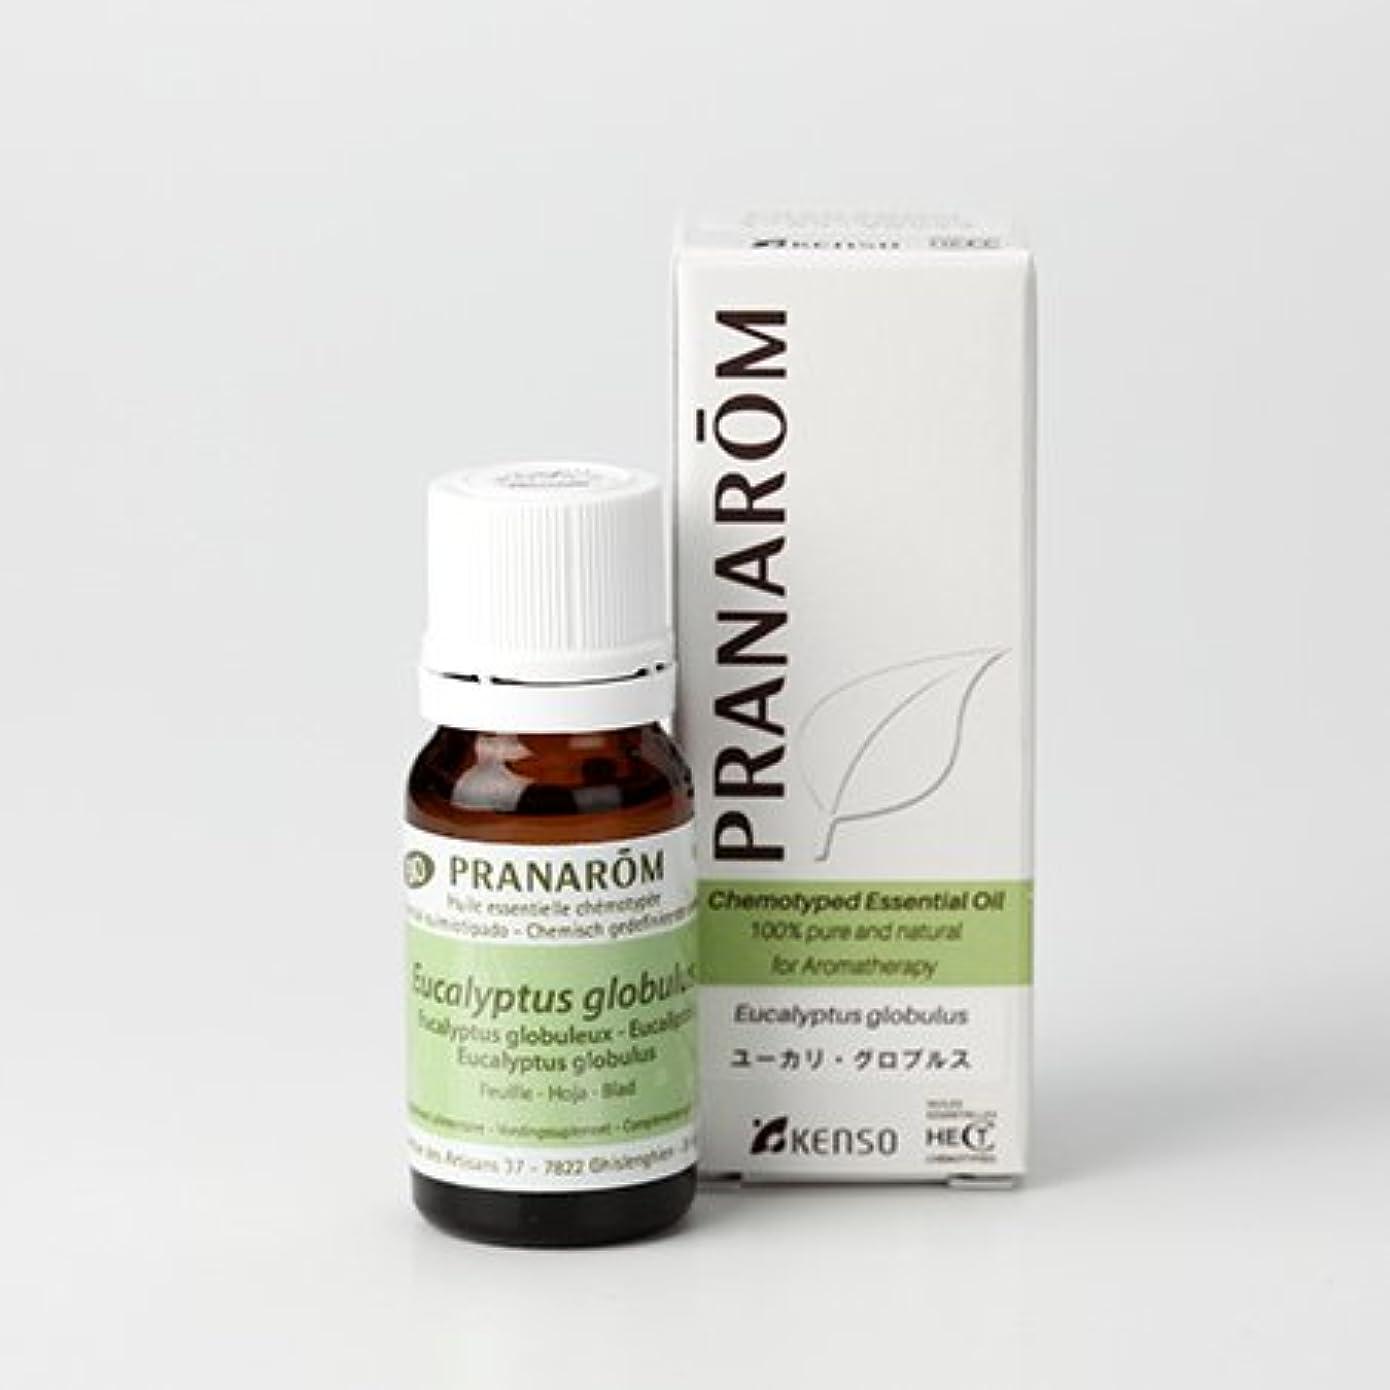 バウンス酸廃棄プラナロム ( PRANAROM ) 精油 ユーカリ?グロブルス 10ml p-67 ユーカリグロブルス